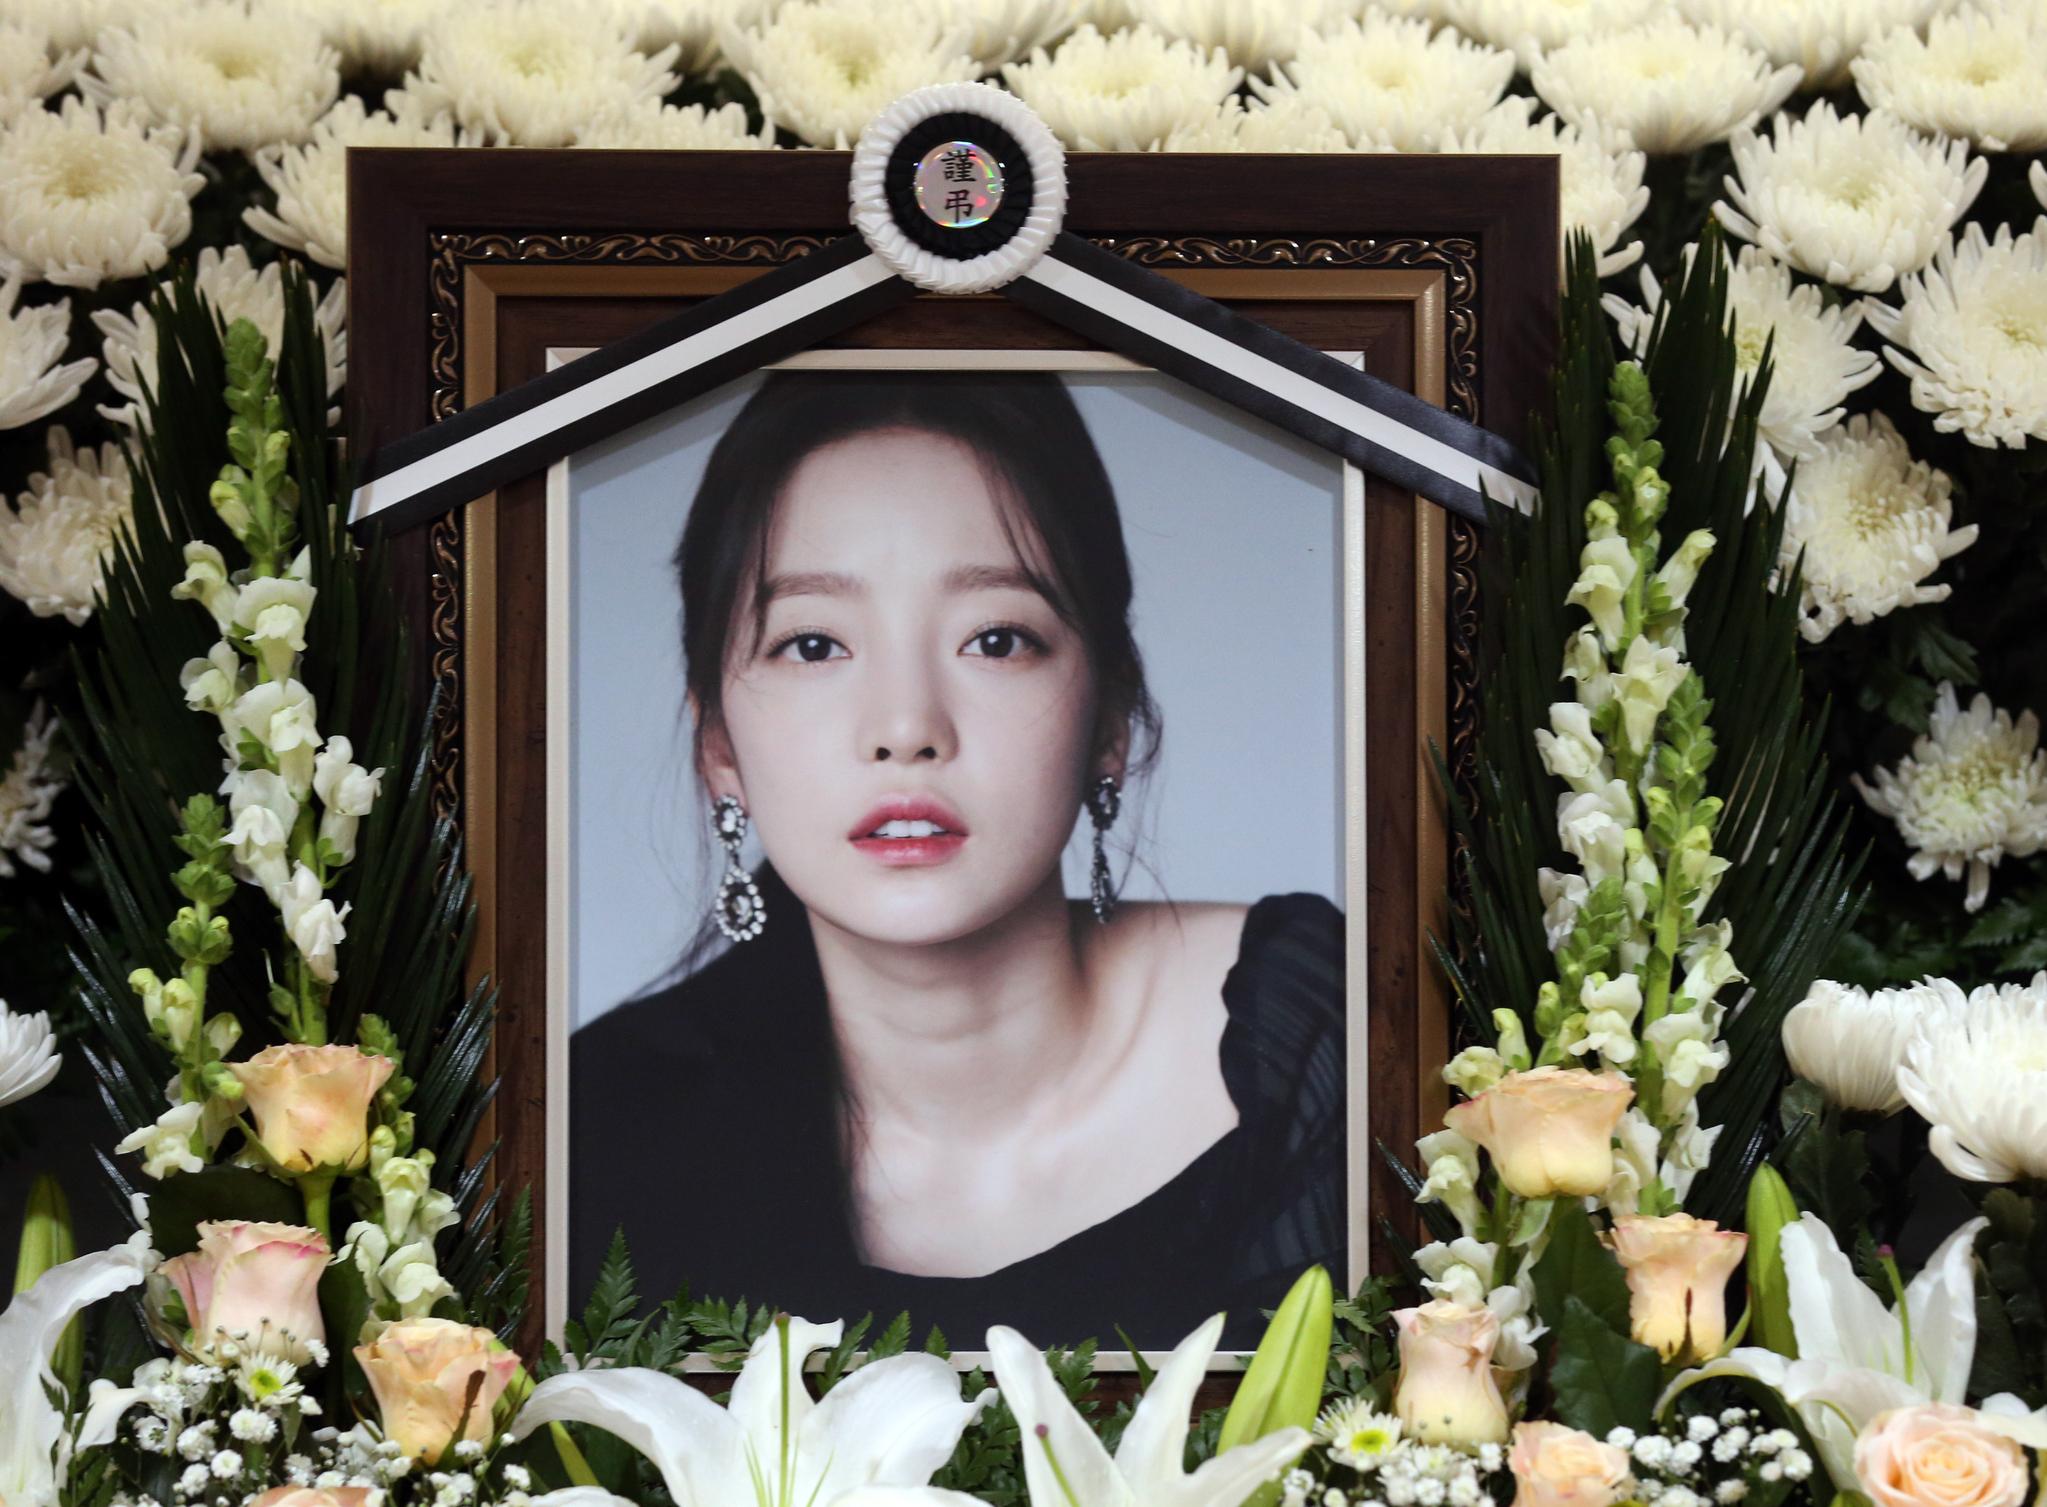 숨진 채로 발견된 가수 고(故) 구하라의 일반 빈소가 마련된 서울 강남 성모병원 장례식장에 놓인 영정. 사진공동취재단